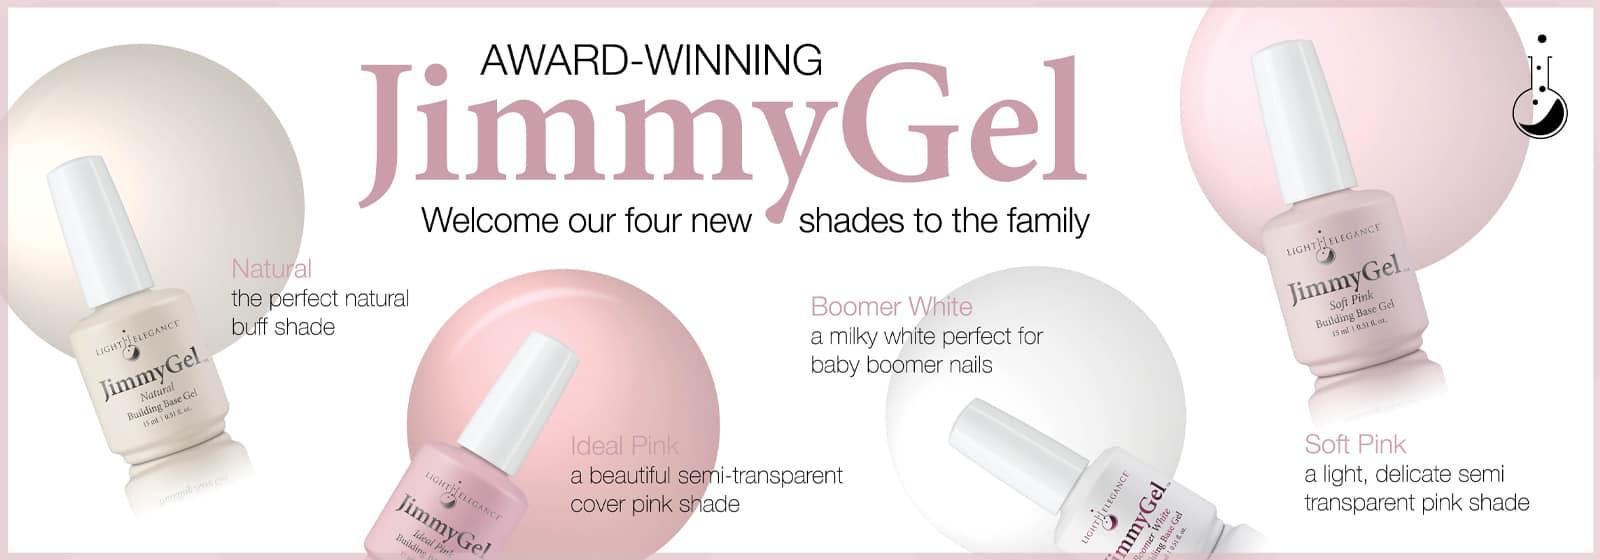 Jimmygel Family